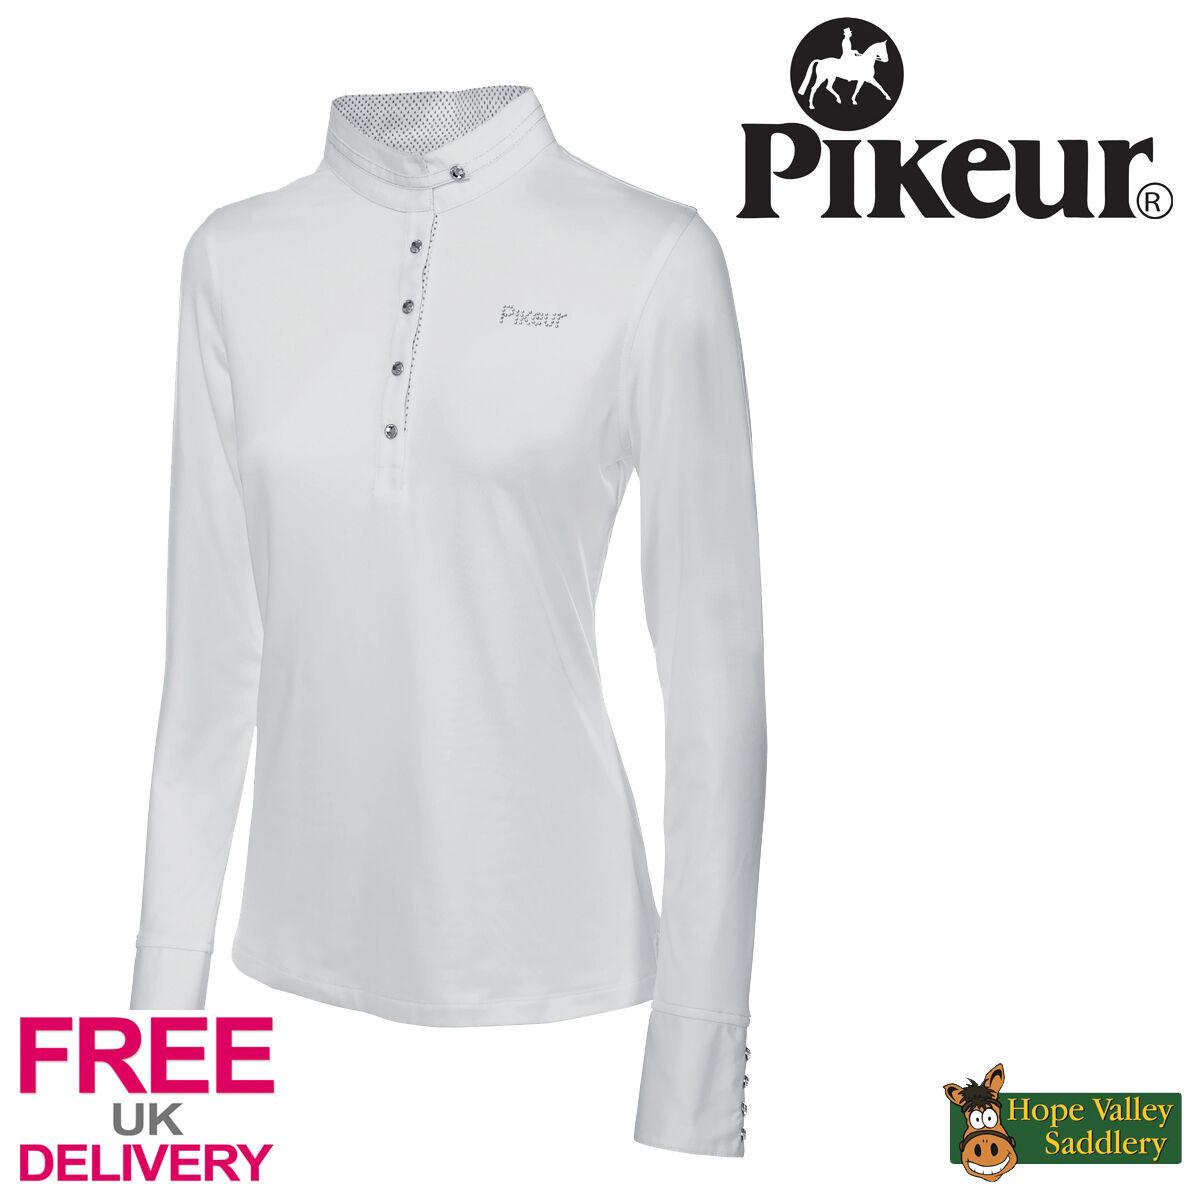 PIKEUR a uomoiche lunghe concorrenza Camicia  nuovo con etichetta   SPEDIZIONE GRATUITA IN UK